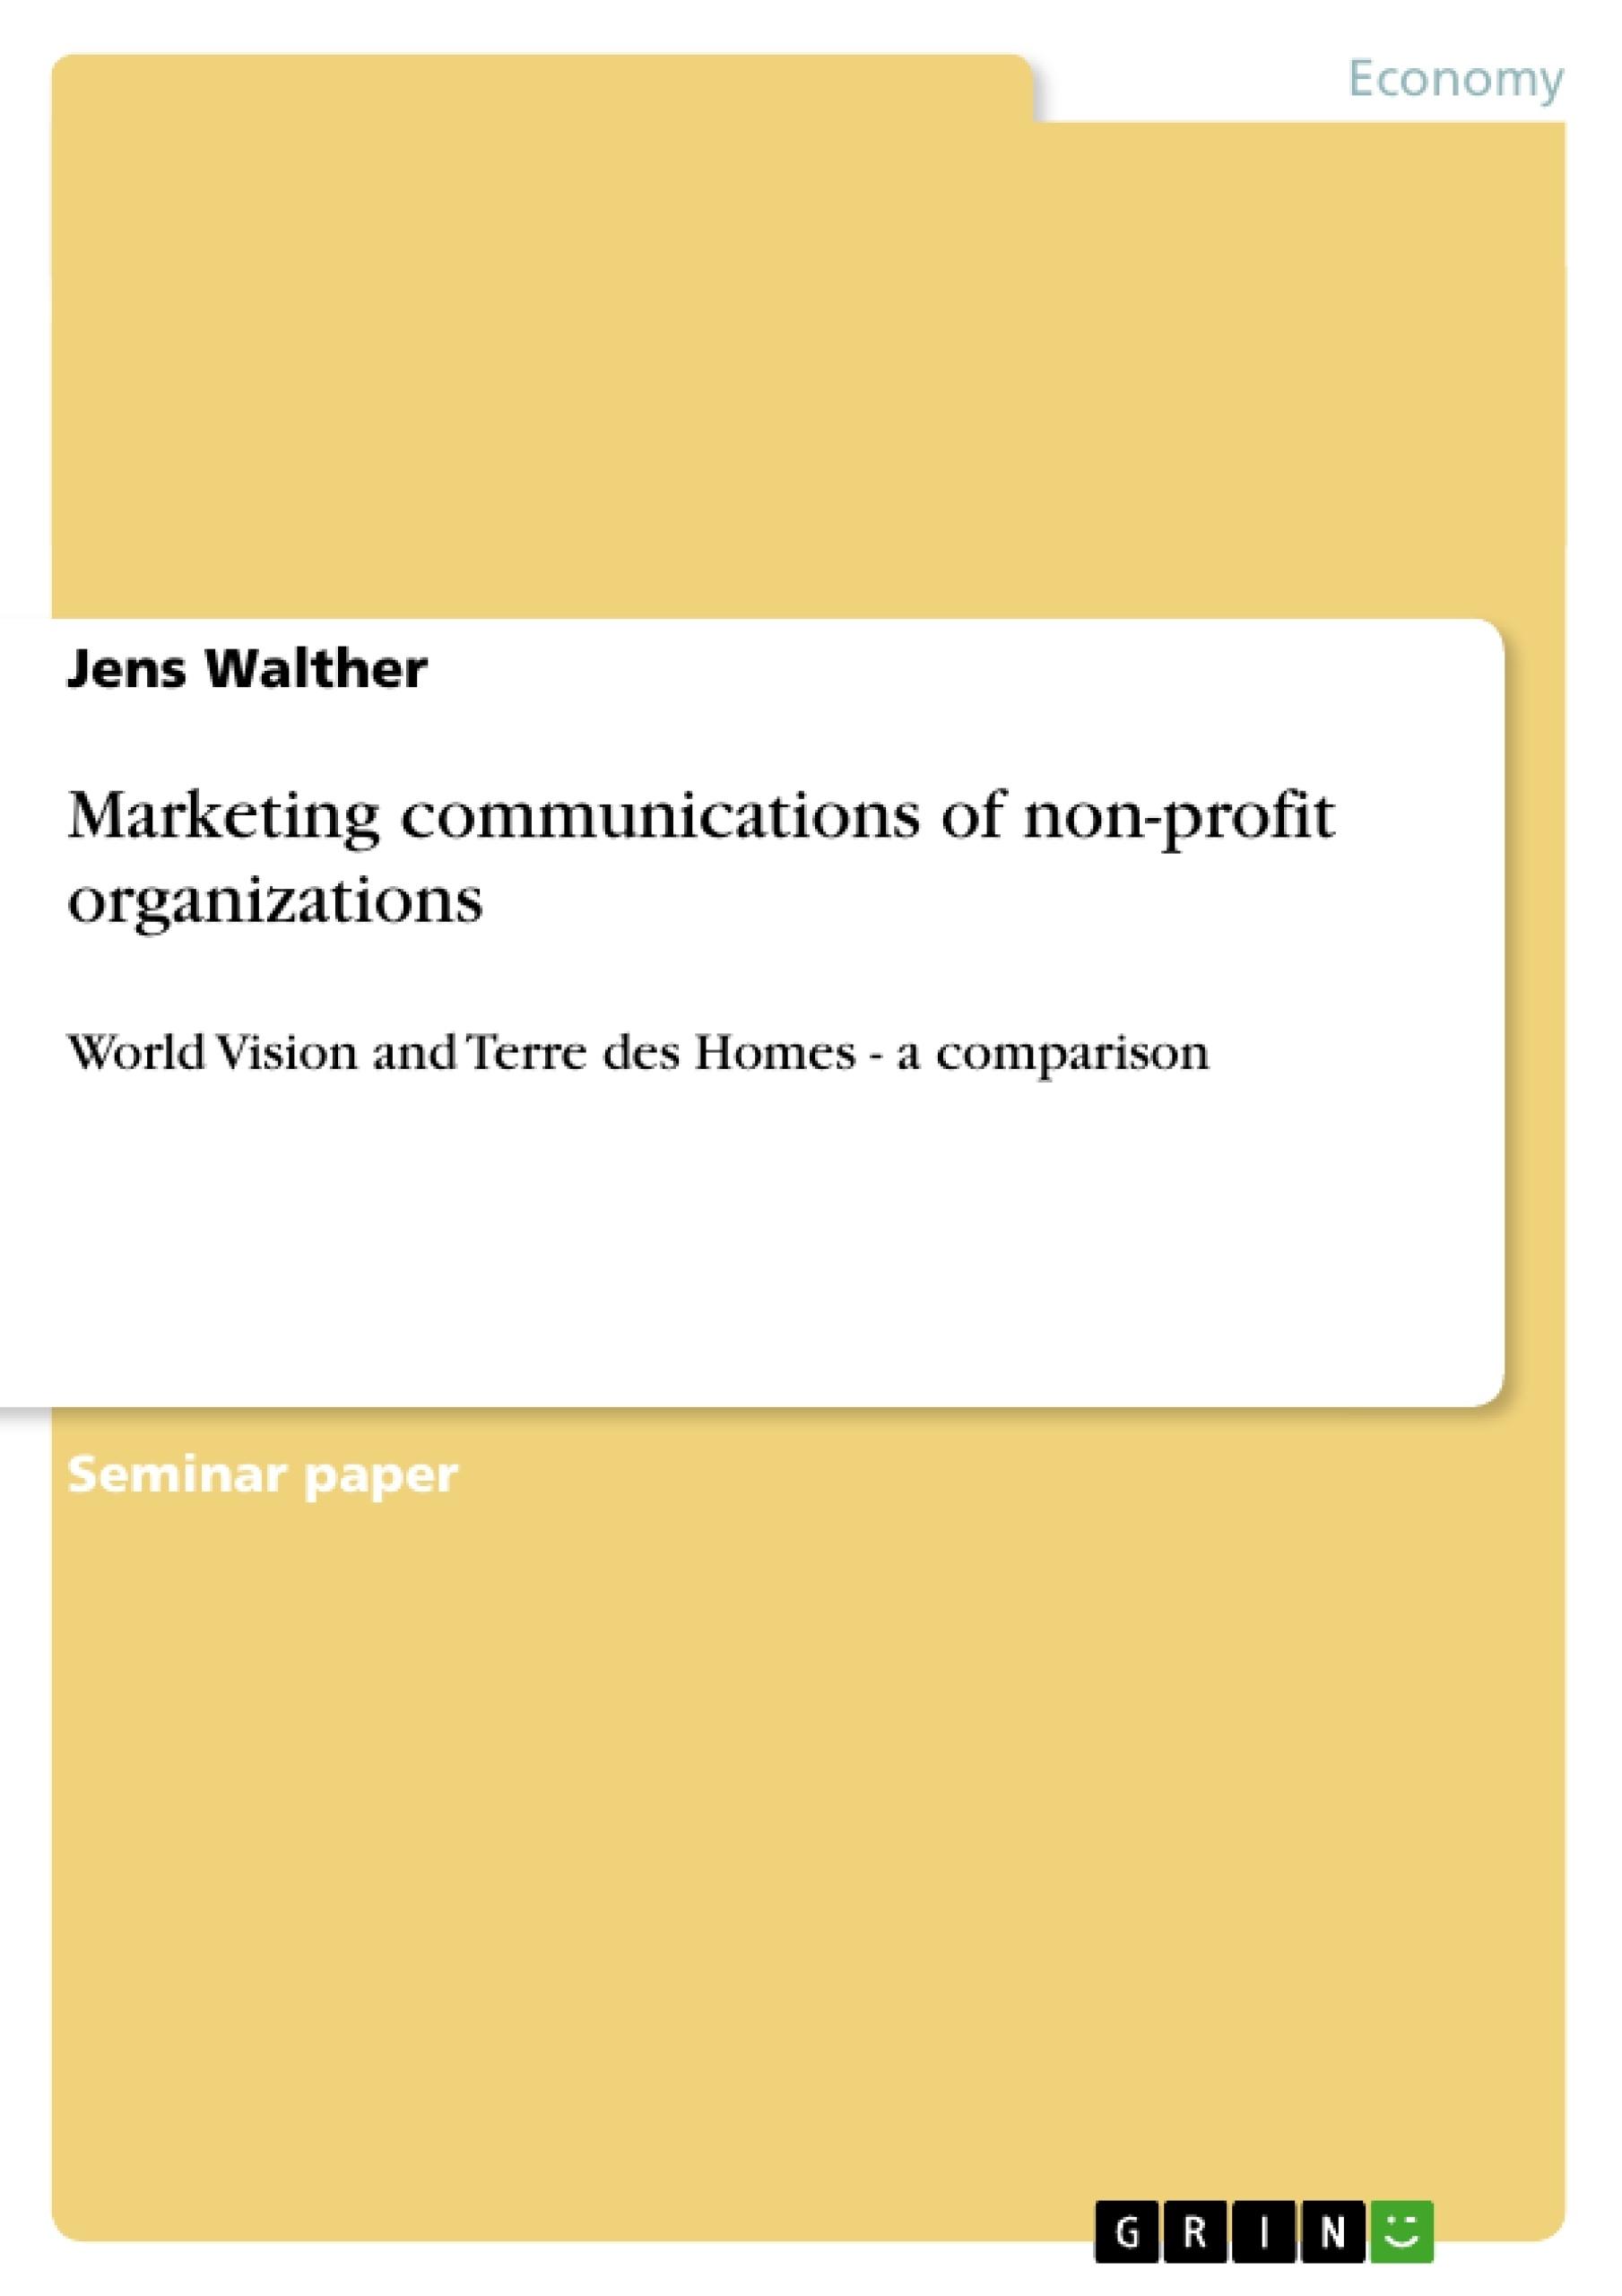 Title: Marketing communications of non-profit organizations